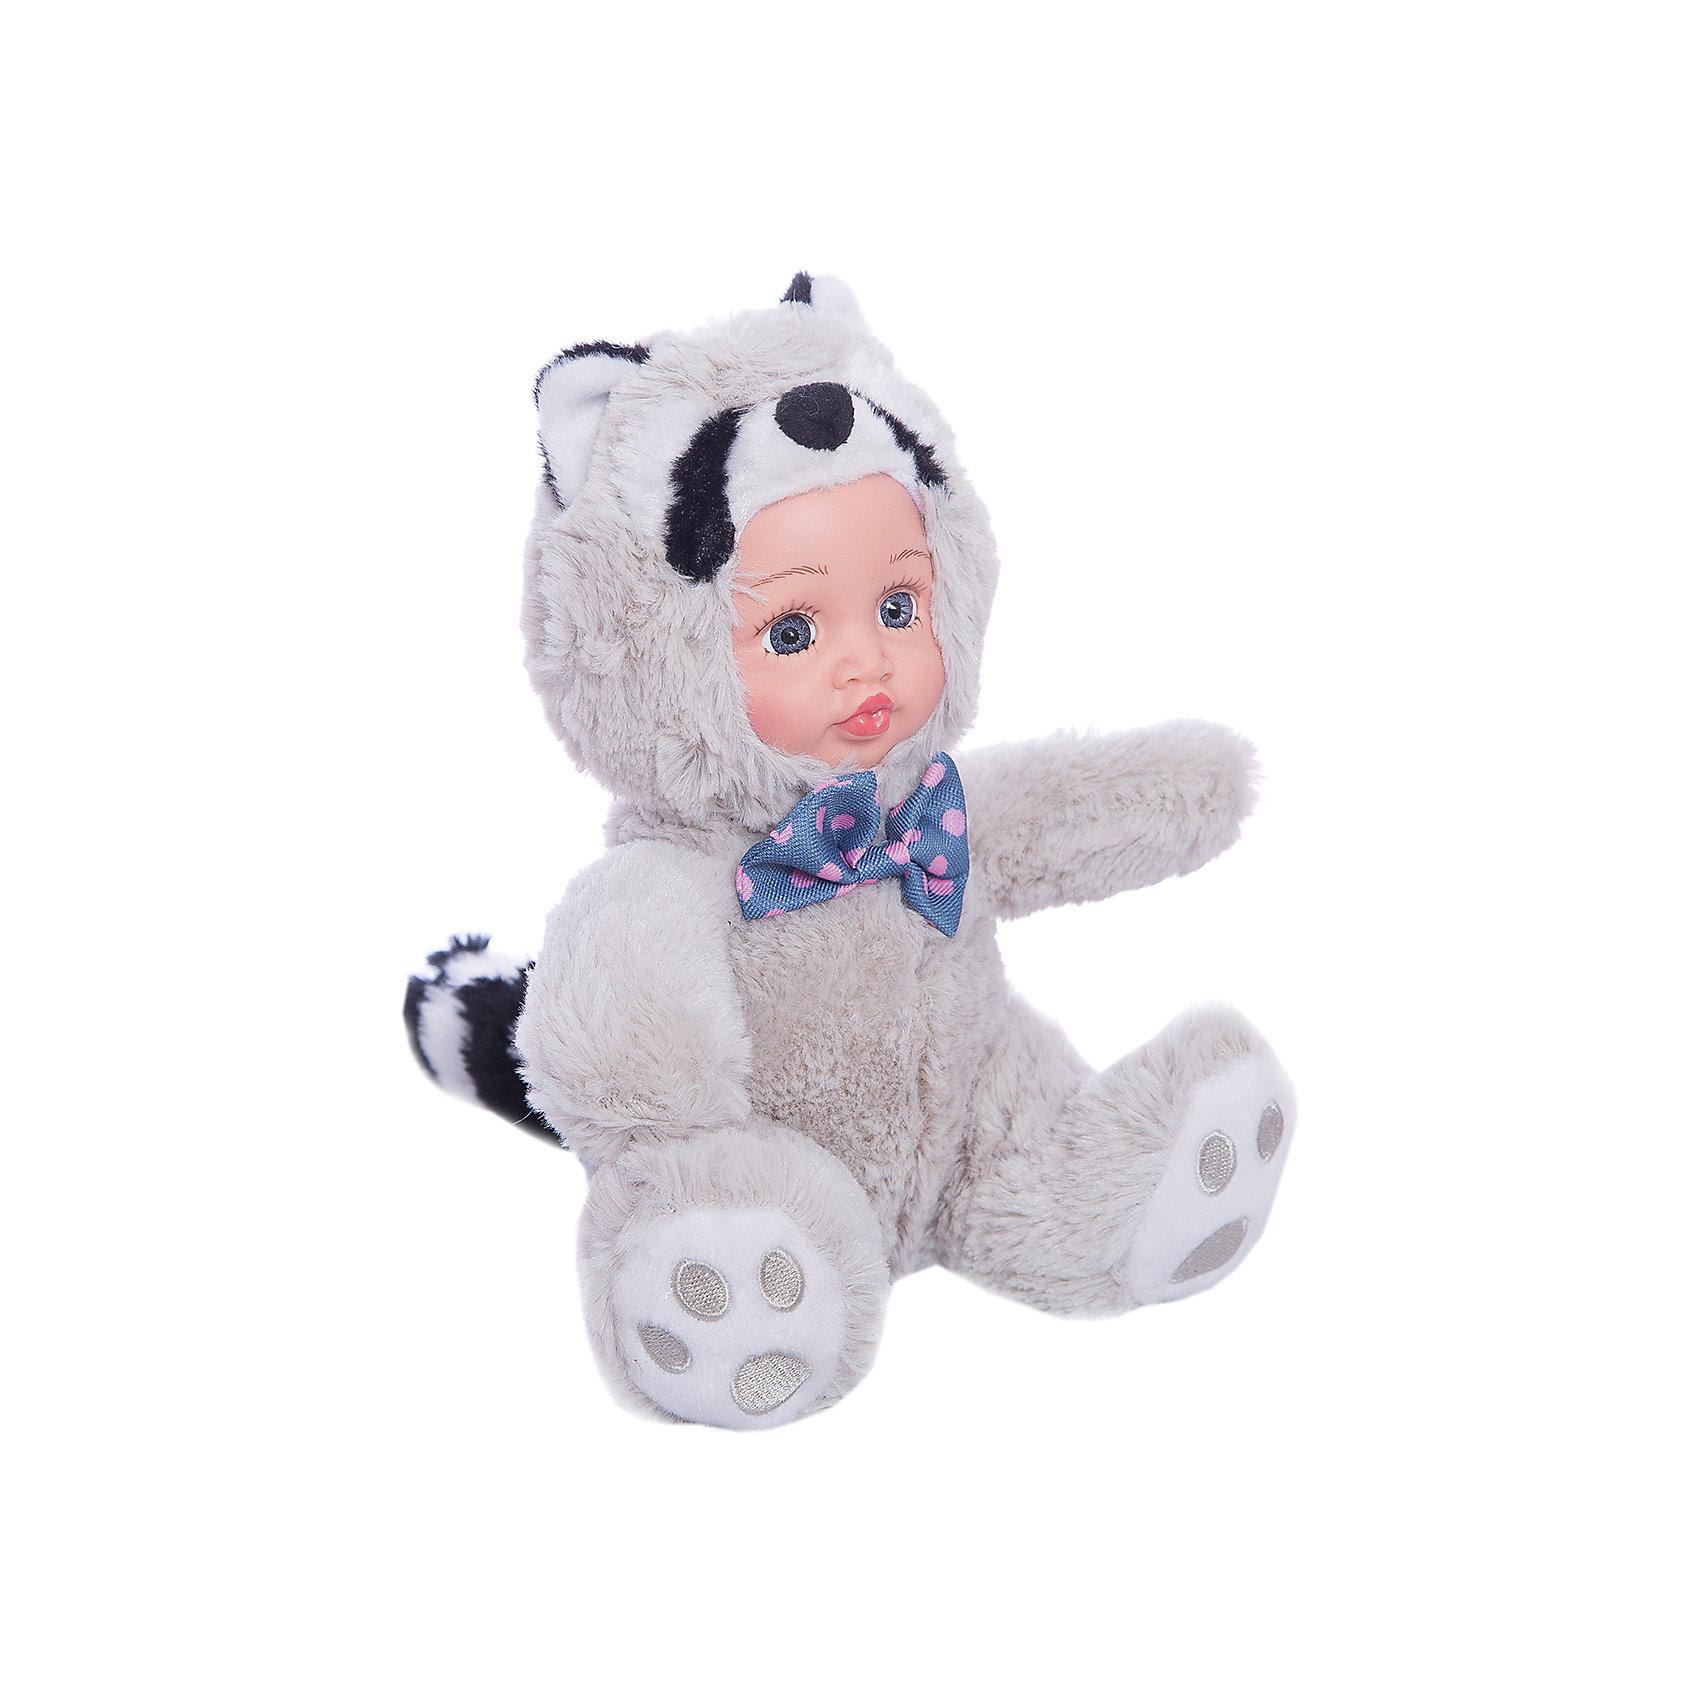 Игрушка Крошка енот, Fluffy FamilyМягкие куклы<br>Такая игрушка - милая вариация стандартной куклы–младенца. Малыш выполнен из пластика и тщательно прорисованным личиком. Одета кукла в костюм совенка. Ткань приятна на ощупь и малышу понравится играть с куклой. Игрушка подходит для одиночной игры малыша и для игр в компании. Не содержит мелких деталей. Кукла из коллекционной серии. Соберите весь набор! Материалы, использованные при изготовлении товара, абсолютно безопасны и отвечают всем международным требованиям по качеству.<br><br>Дополнительные характеристики:<br><br>материал: ПВХ, искусственный мех, пластик;<br>габариты: 20 X 9 X 30 см;<br>наполнитель: полиэтиленовые гранулы.<br><br>Игрушку Крошка енот от компании Fluffy Family можно приобрести в нашем магазине.<br><br>Ширина мм: 570<br>Глубина мм: 580<br>Высота мм: 450<br>Вес г: 130<br>Возраст от месяцев: 36<br>Возраст до месяцев: 96<br>Пол: Унисекс<br>Возраст: Детский<br>SKU: 5032461